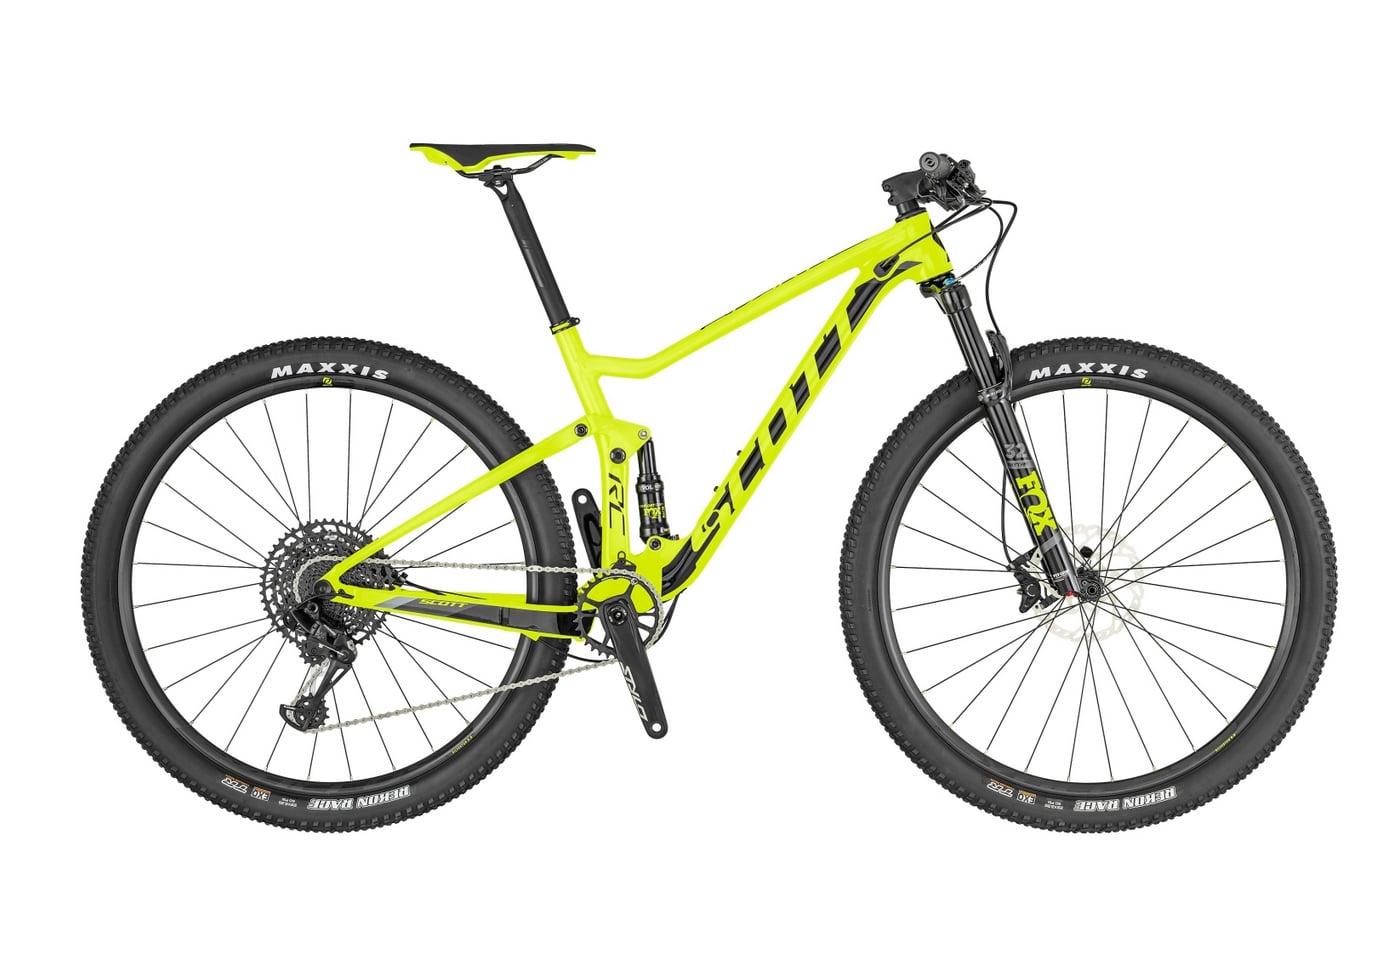 Scott Spark Rc Comp 2018 >> Bicicleta Spark RC 900 Comp 2019 - Comprar al mejor precio.